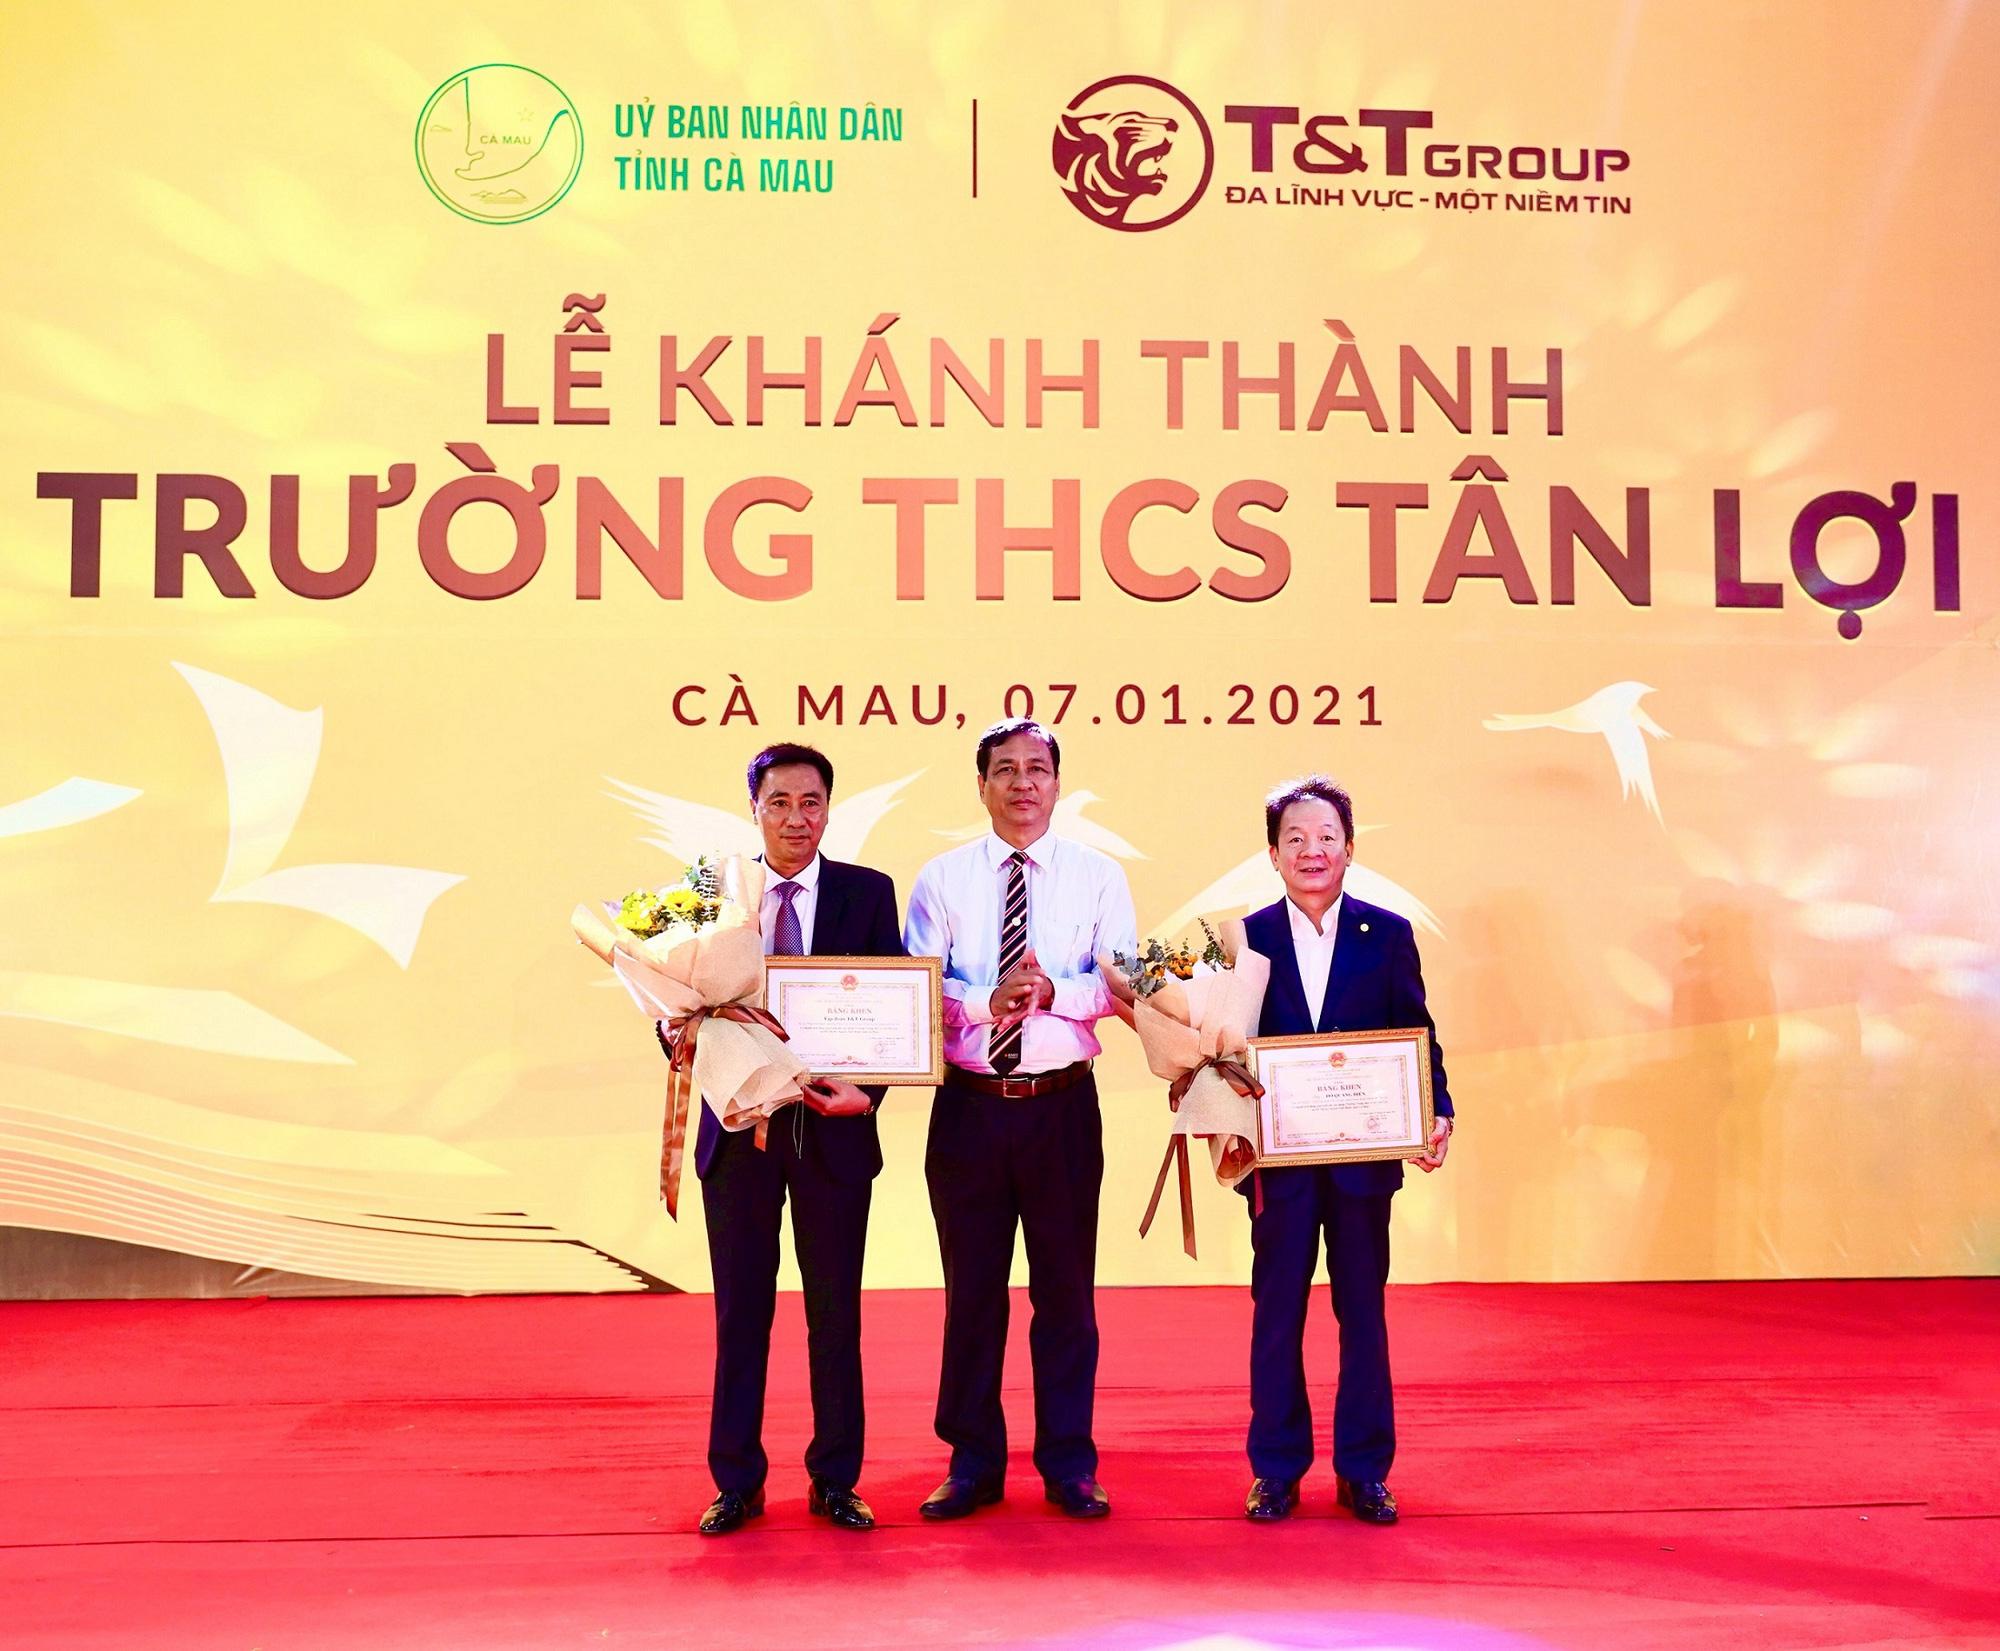 Tập đoàn T&T Group tài trợ xây dựng trường học tại tỉnh Cà Mau - Ảnh 2.